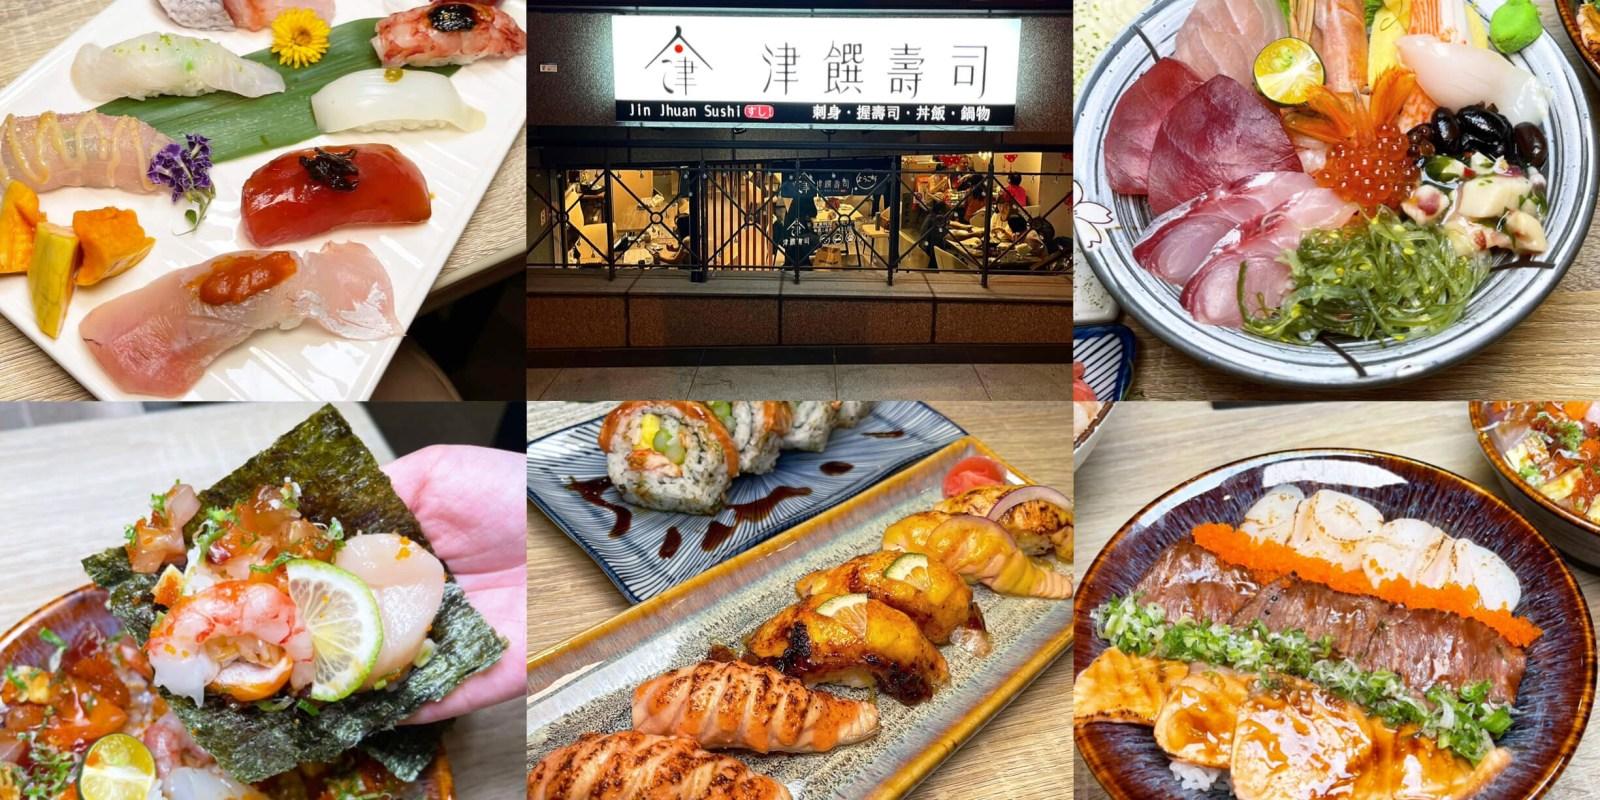 [台南美食] 津饌壽司 - 超低調!位於隱密入口的厲害日本料理店